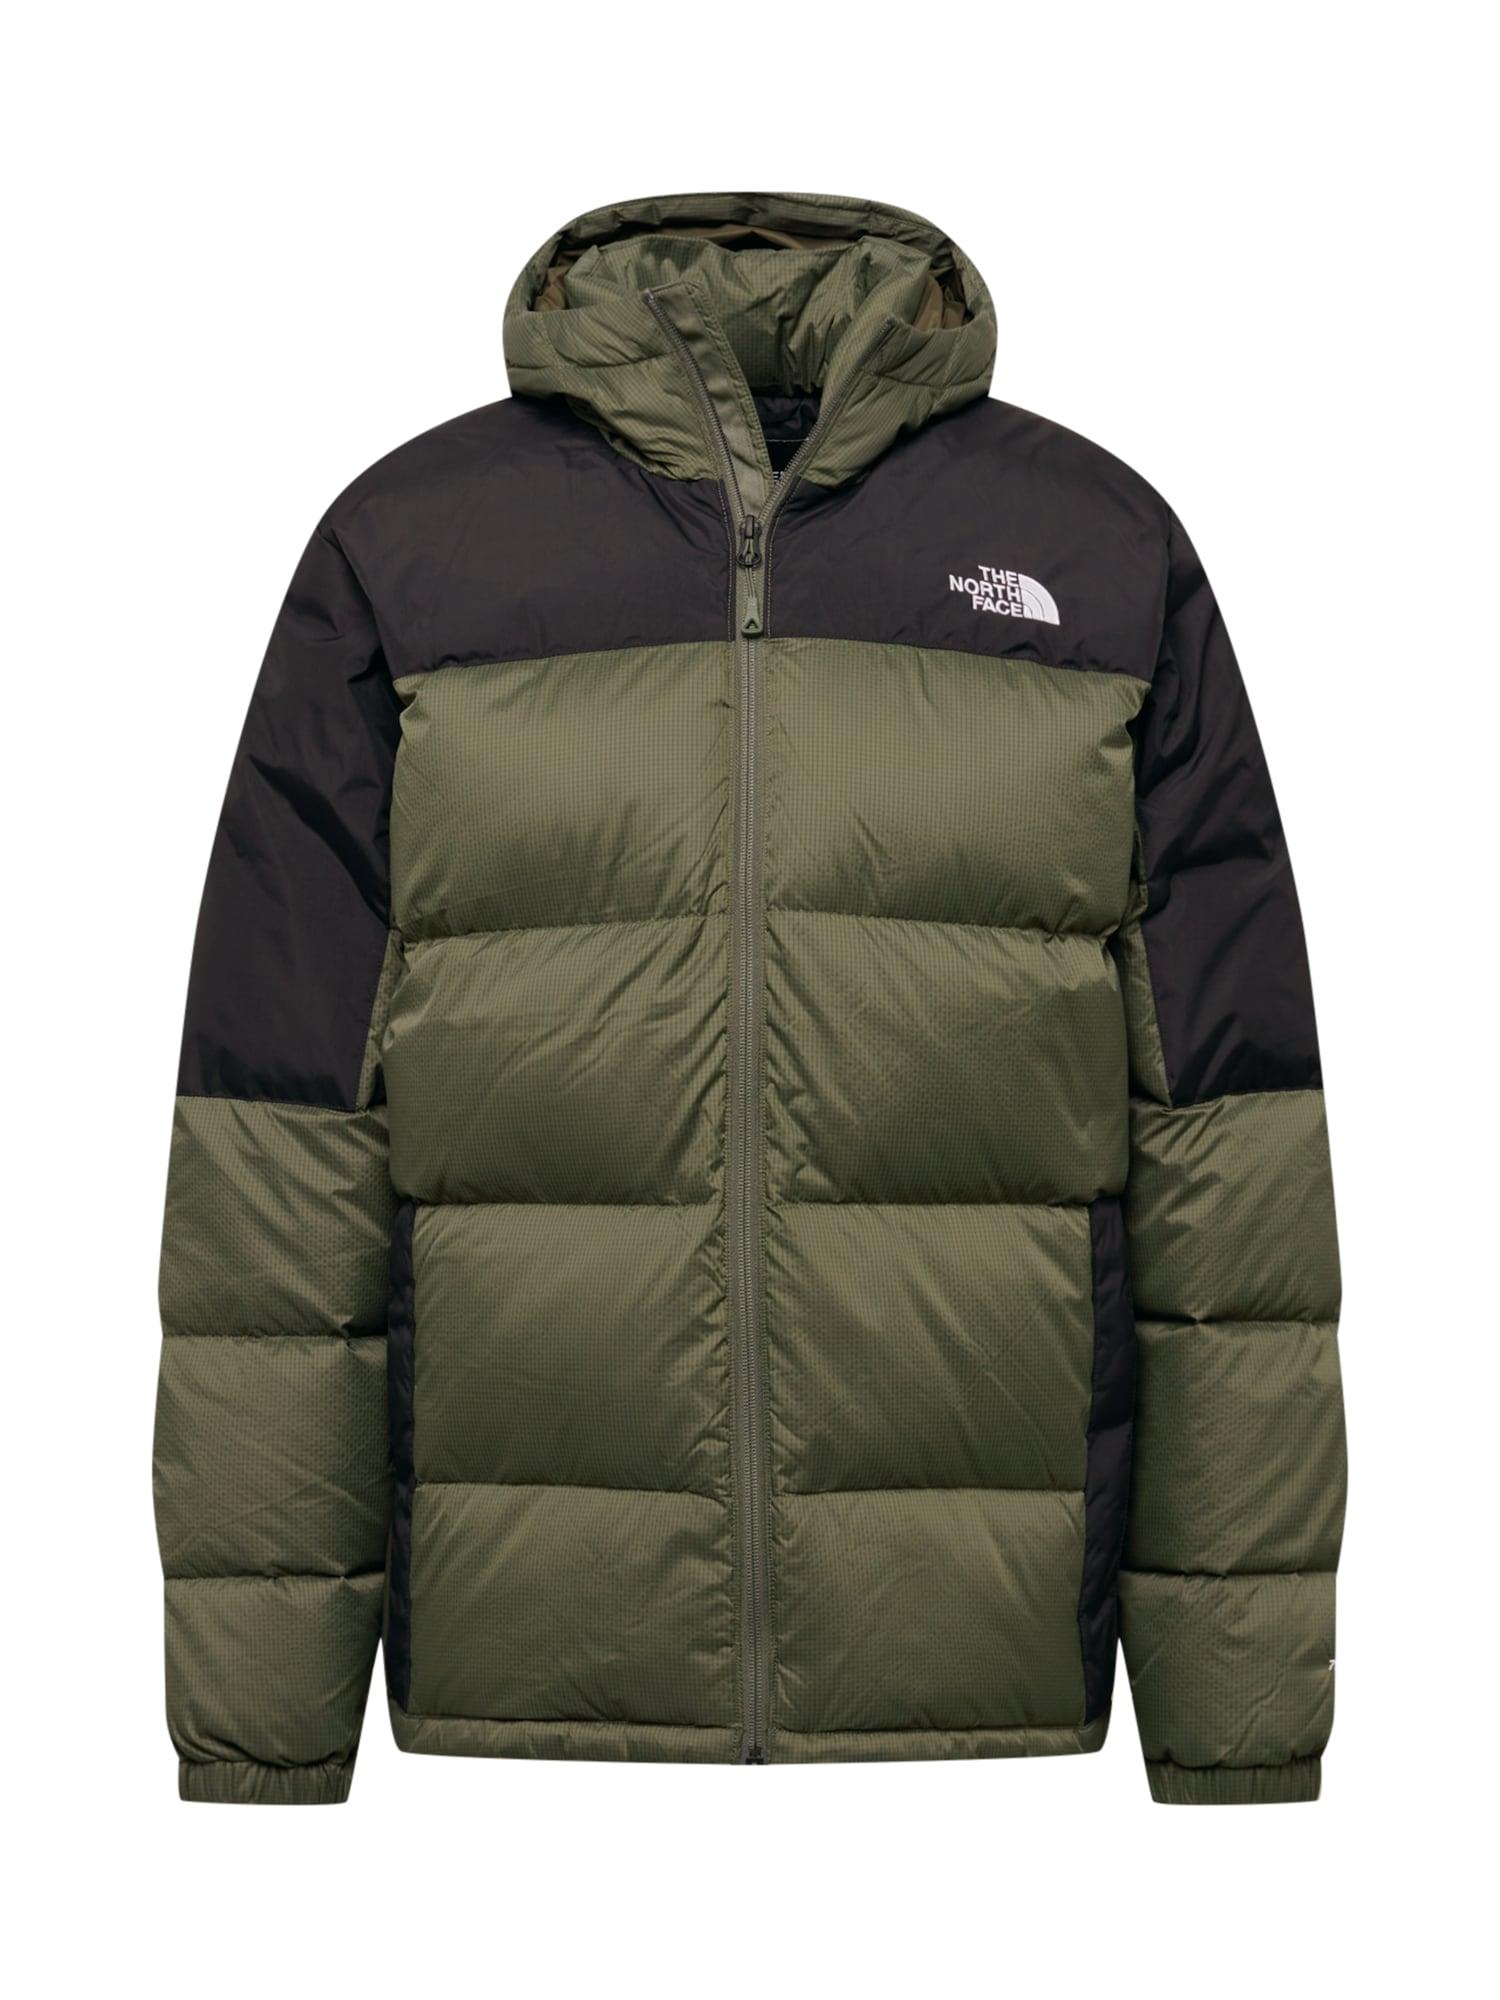 THE NORTH FACE Outdoorová bunda 'DIABLO'  tmavě zelená / černá